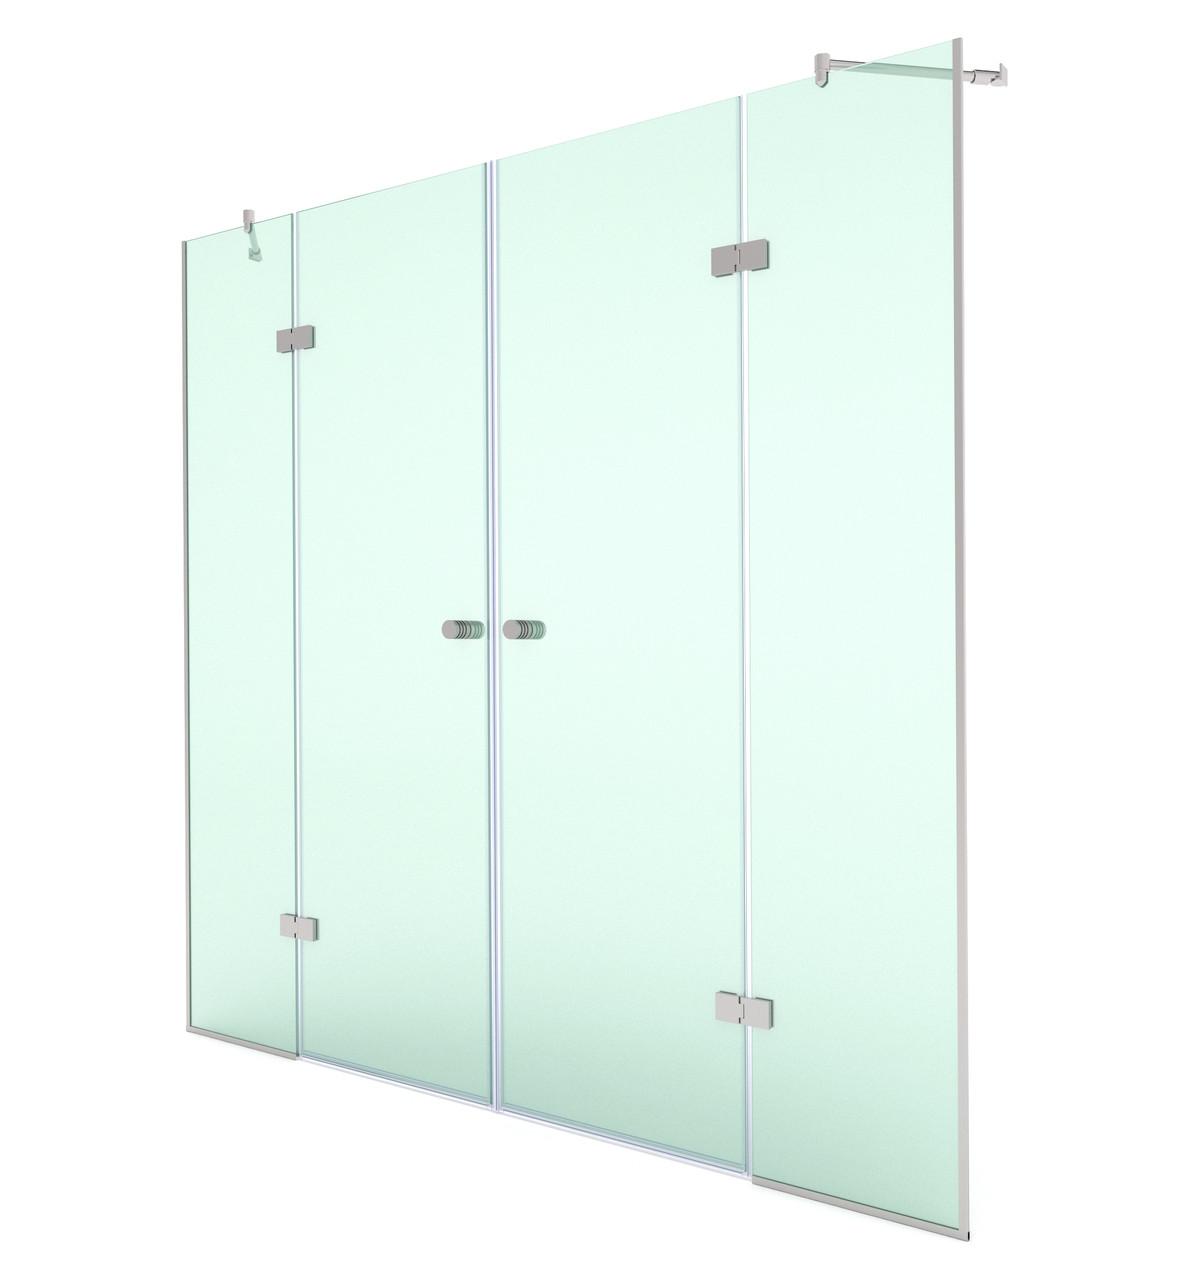 Стеклянные двери для душевой, модели SD-02-13